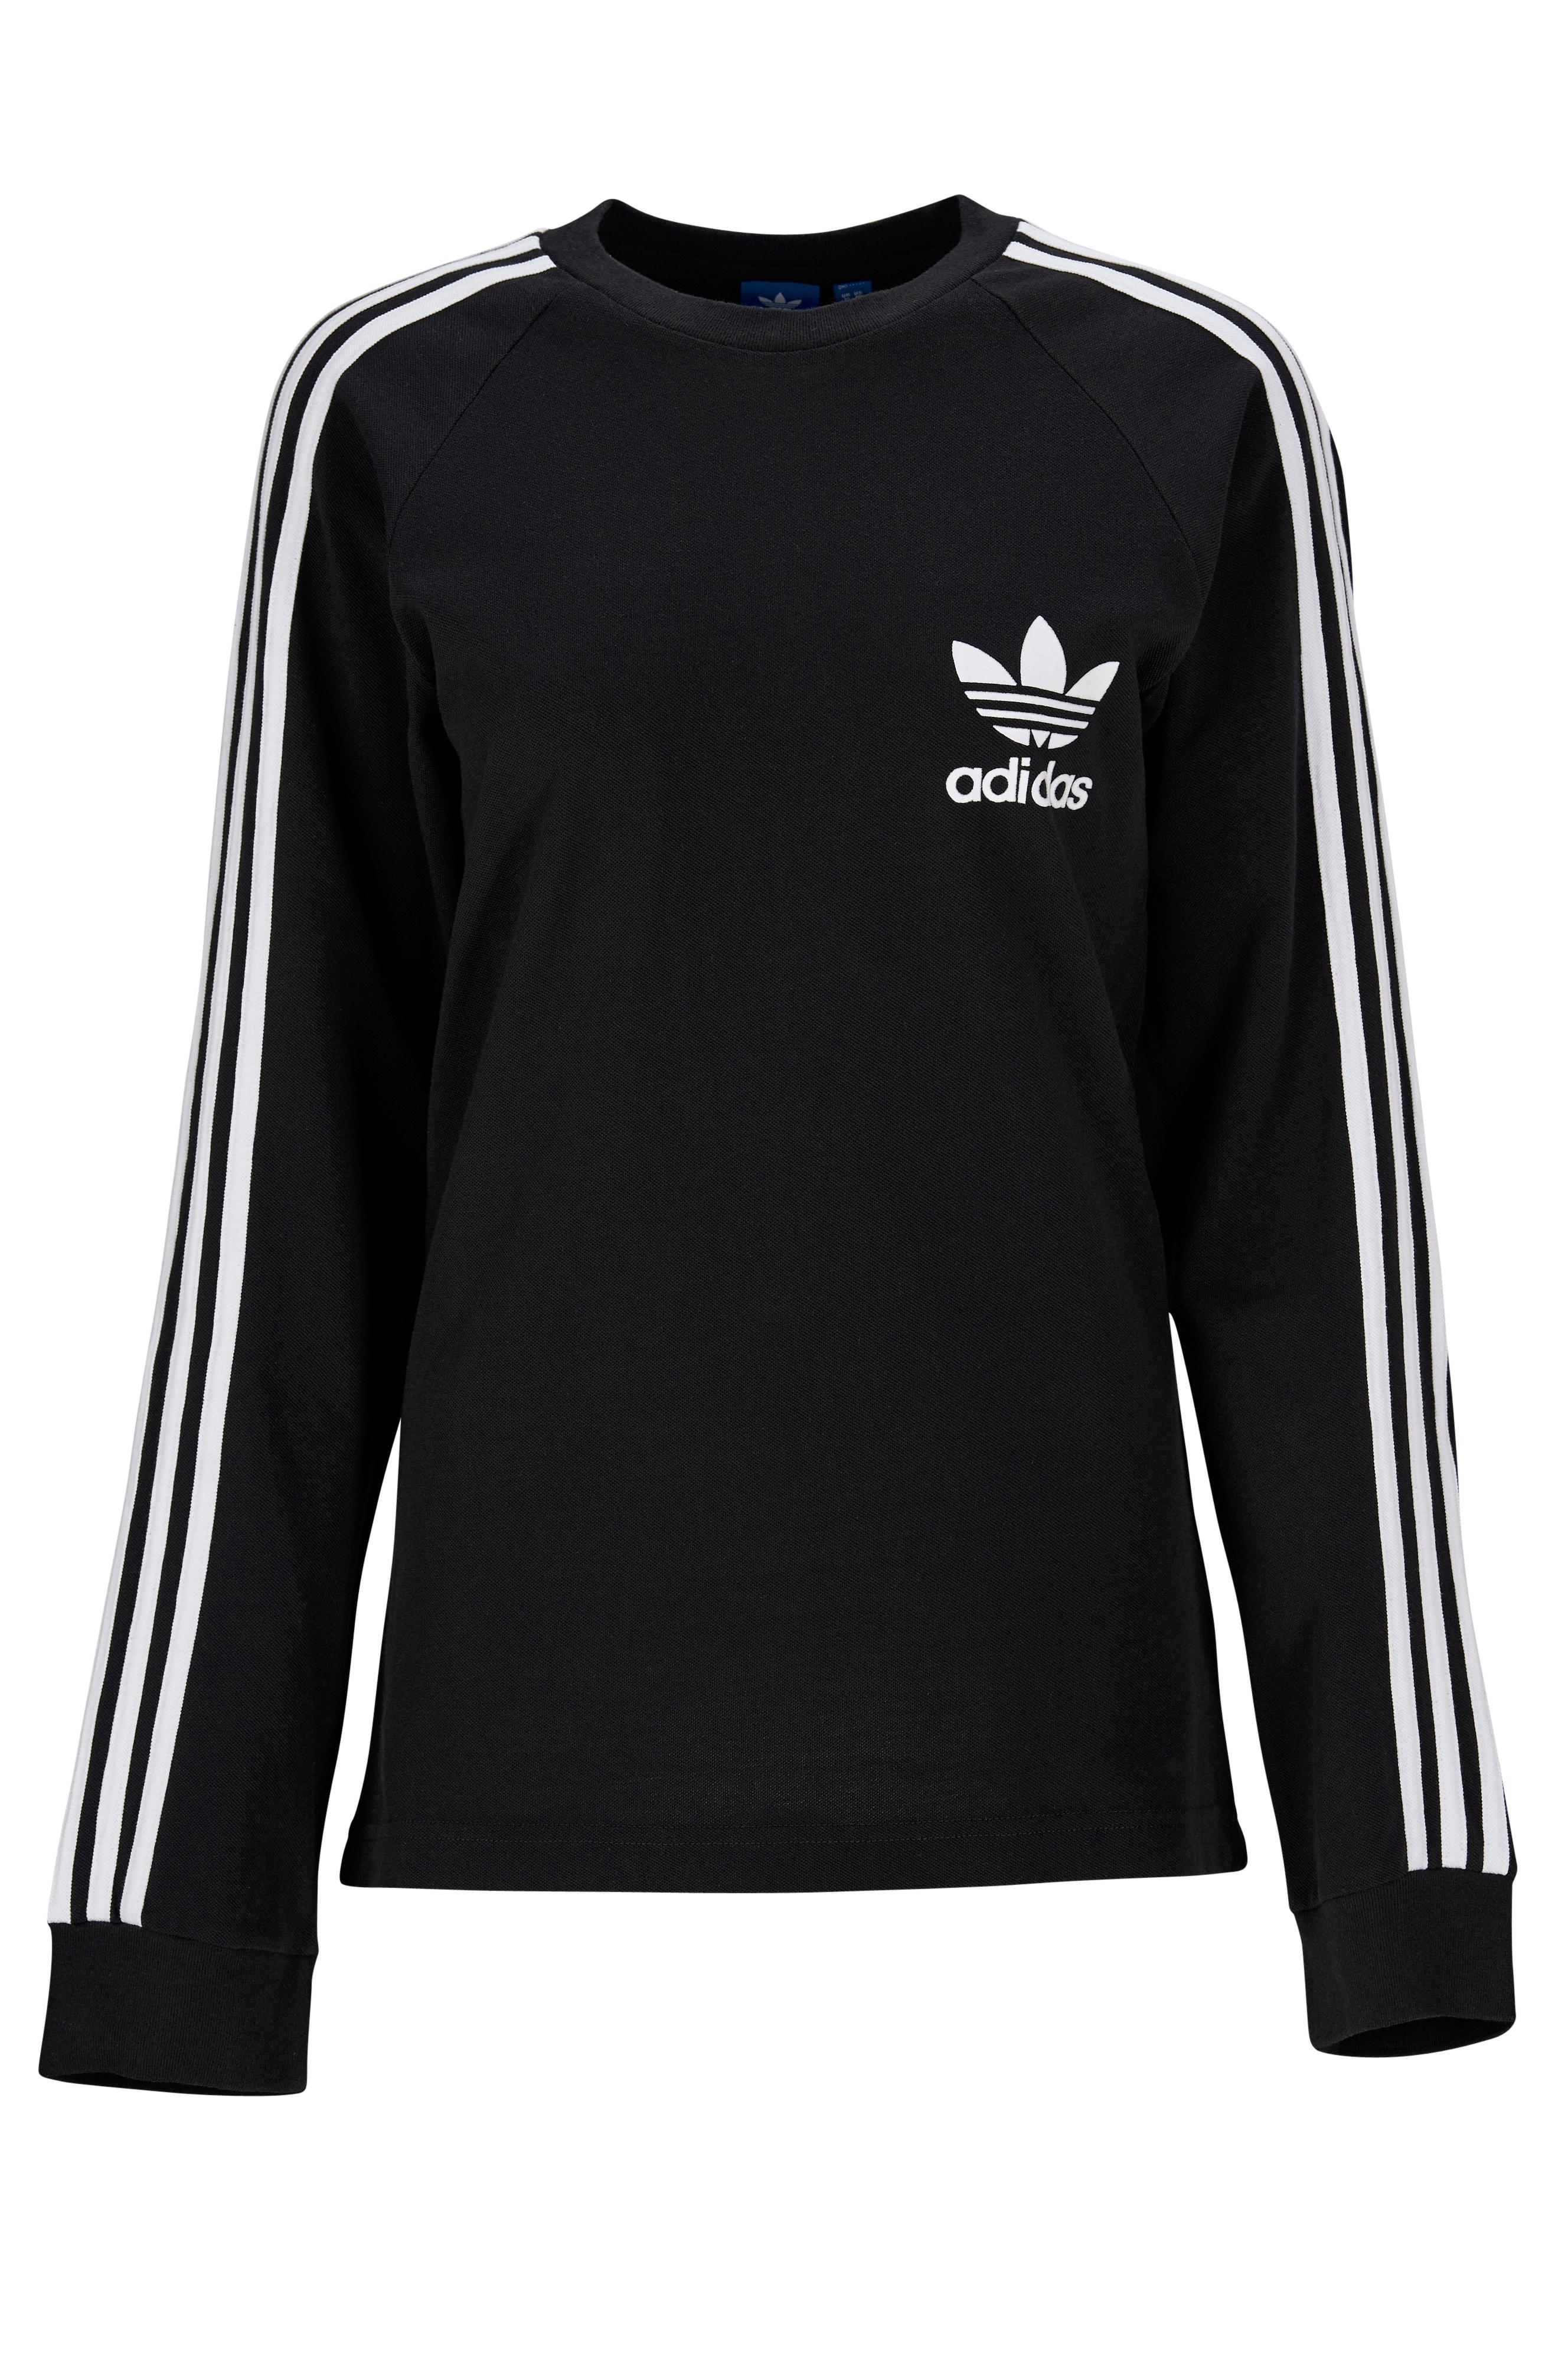 60168422391 adidas Originals T-shirt 3-stripes Pique Tee - Sort - Herre - Ellos.dk